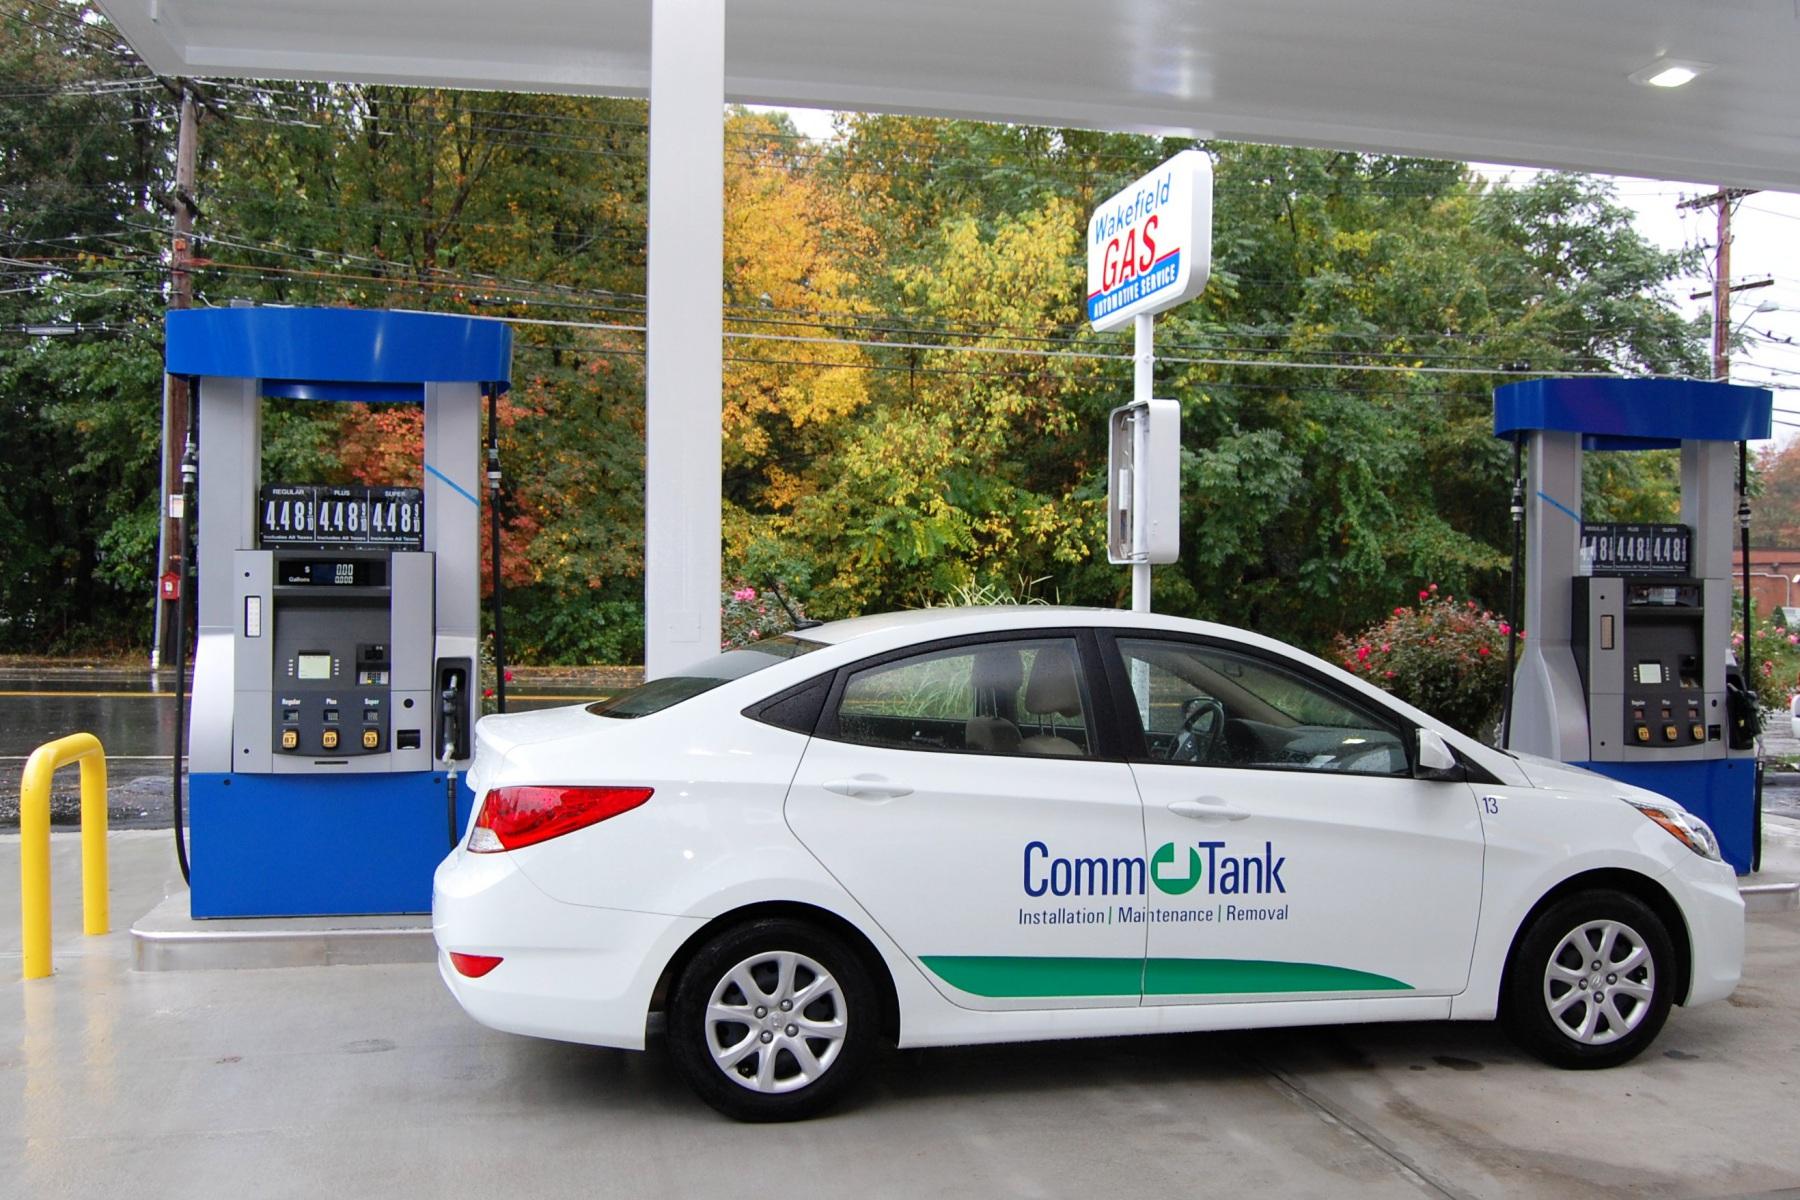 img_560c4737e84aa_Dispenser-CommTank-Car-6